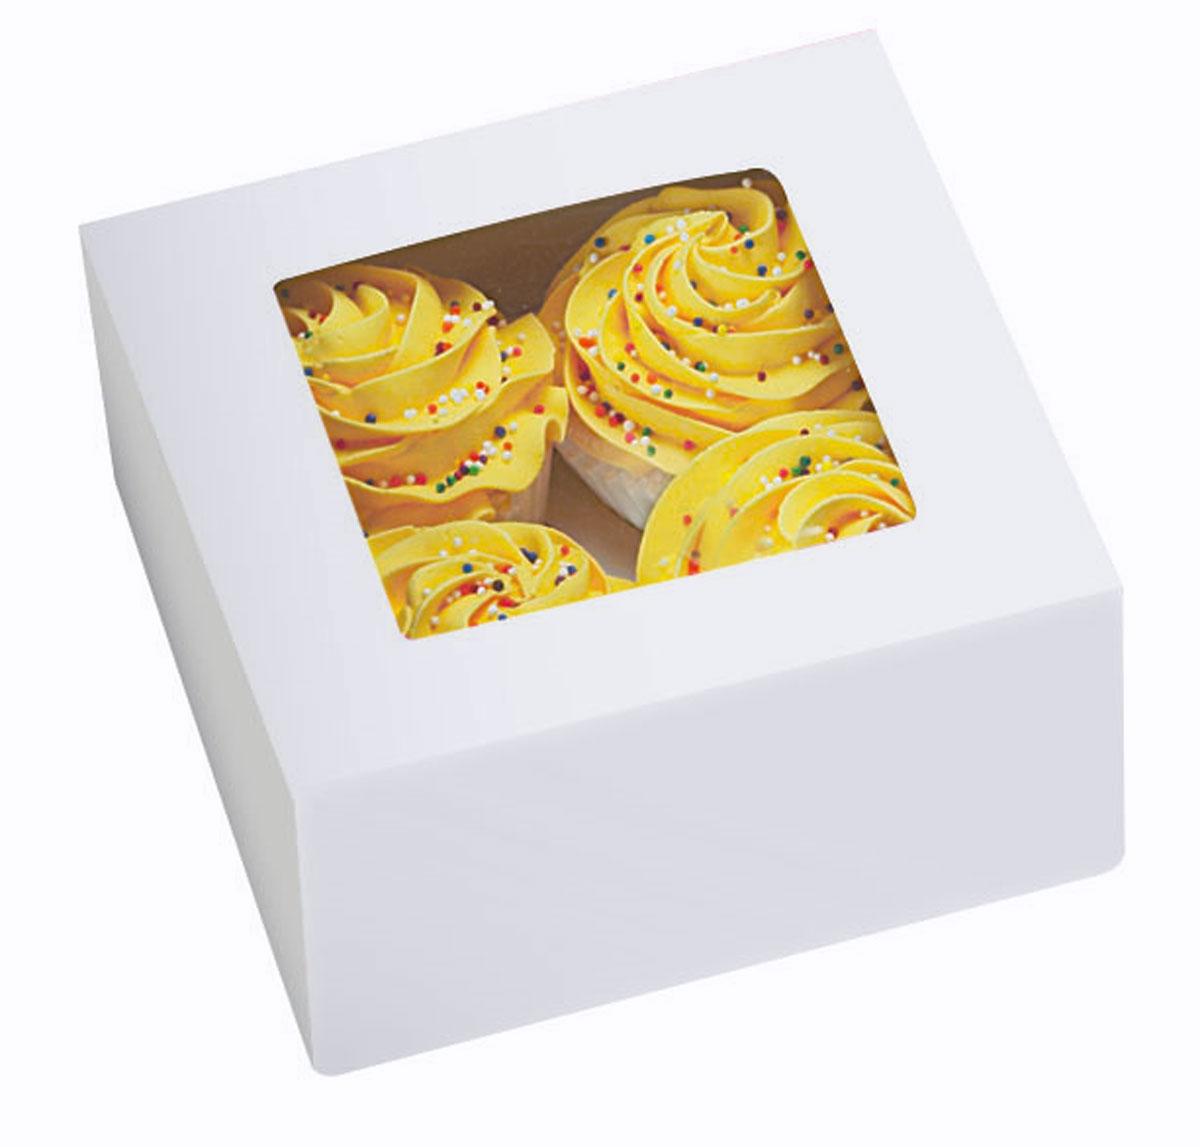 Набор подарочных коробок Wilton Зима, с окошком, 15,8 х 15,8 х 7,6 см, 3 штWLT-415-1215Набор Wilton Зима состоит из трех подарочных коробок, изготовленных из картона и предназначенных для упаковки кондитерских изделий. Изделия оснащены небольшим окошком, благодаря которому можно видеть содержимое коробок. Нам свойственно в первую очередь смотреть на обложку и только потом заглядывать внутрь. Вот почему так важно красиво упаковывать подарки. Оригинальная упаковка для кондитерских изделий - именно тот элемент, который сделает ваш презент особенным и запоминающимся, даря настроение праздника!Размер коробки: 15,8 см х 15,8 см х 7,6 см.